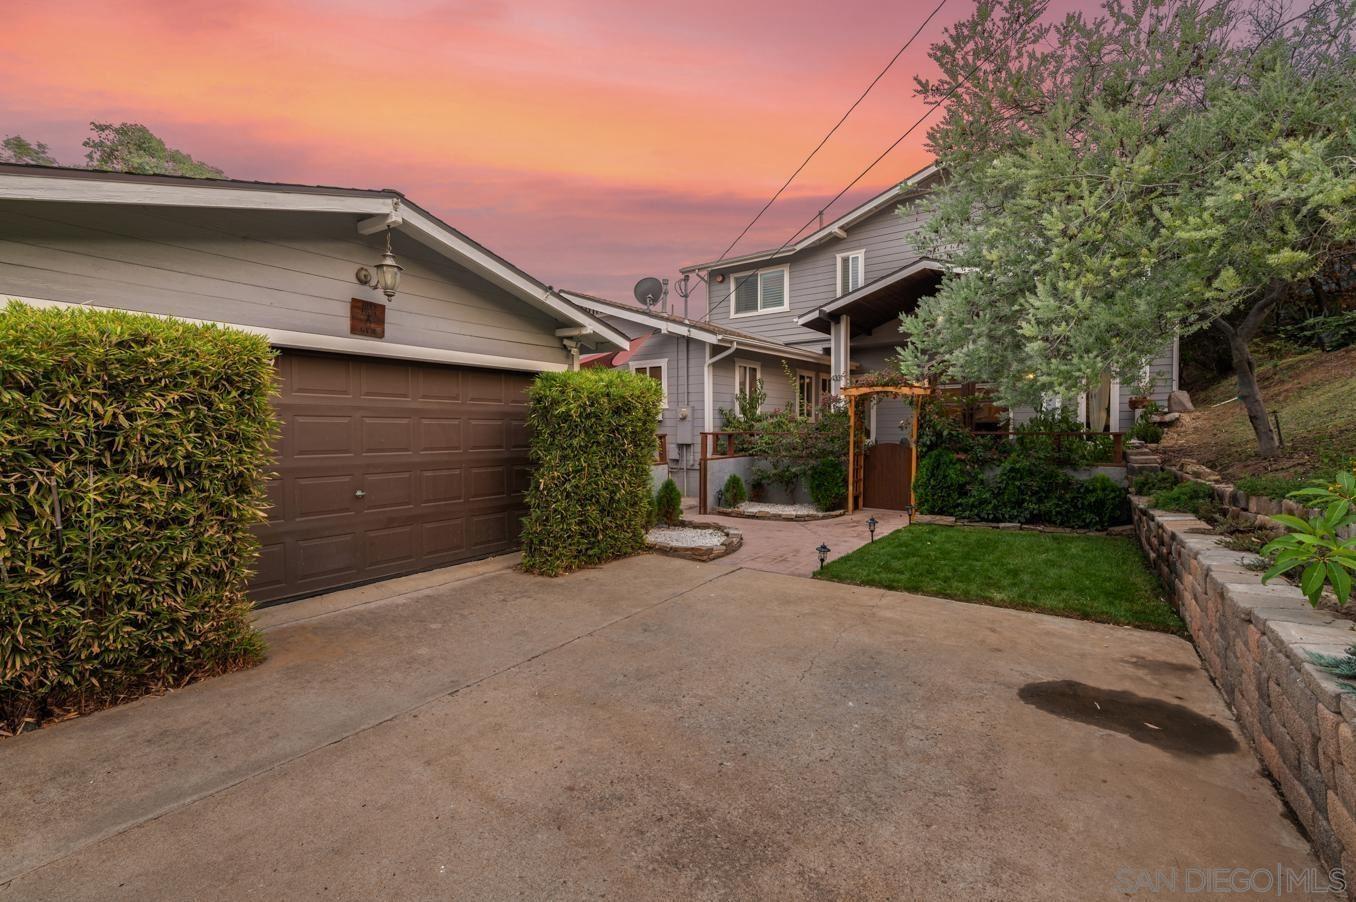 Photo of 4331 Woodland Dr, La Mesa, CA 91941 (MLS # 210026627)